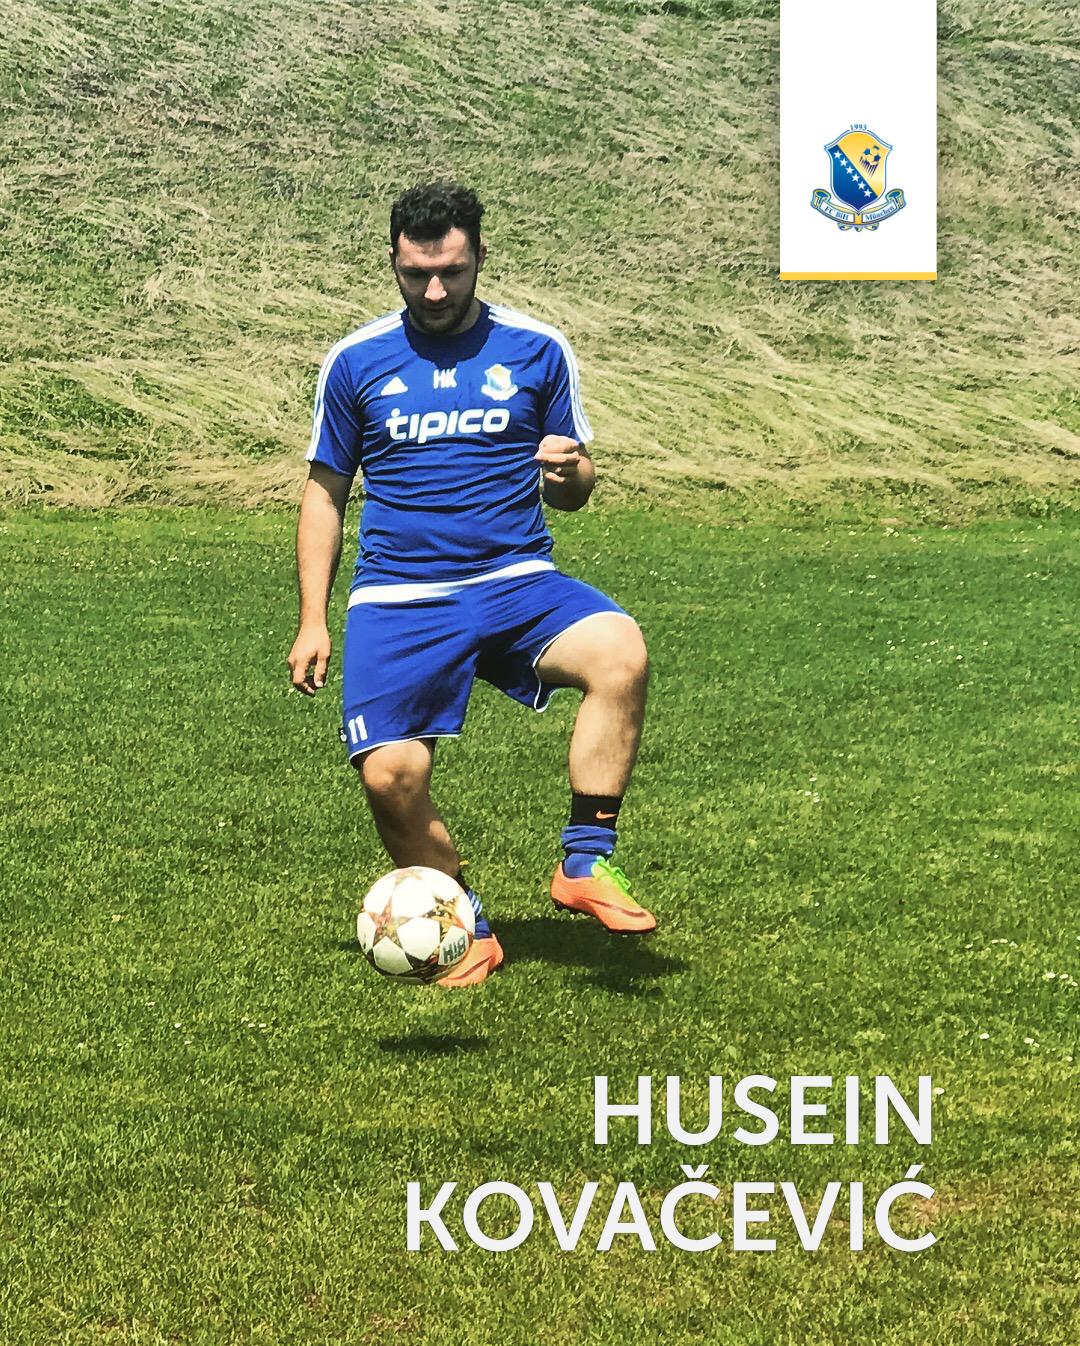 Husein Kovačević